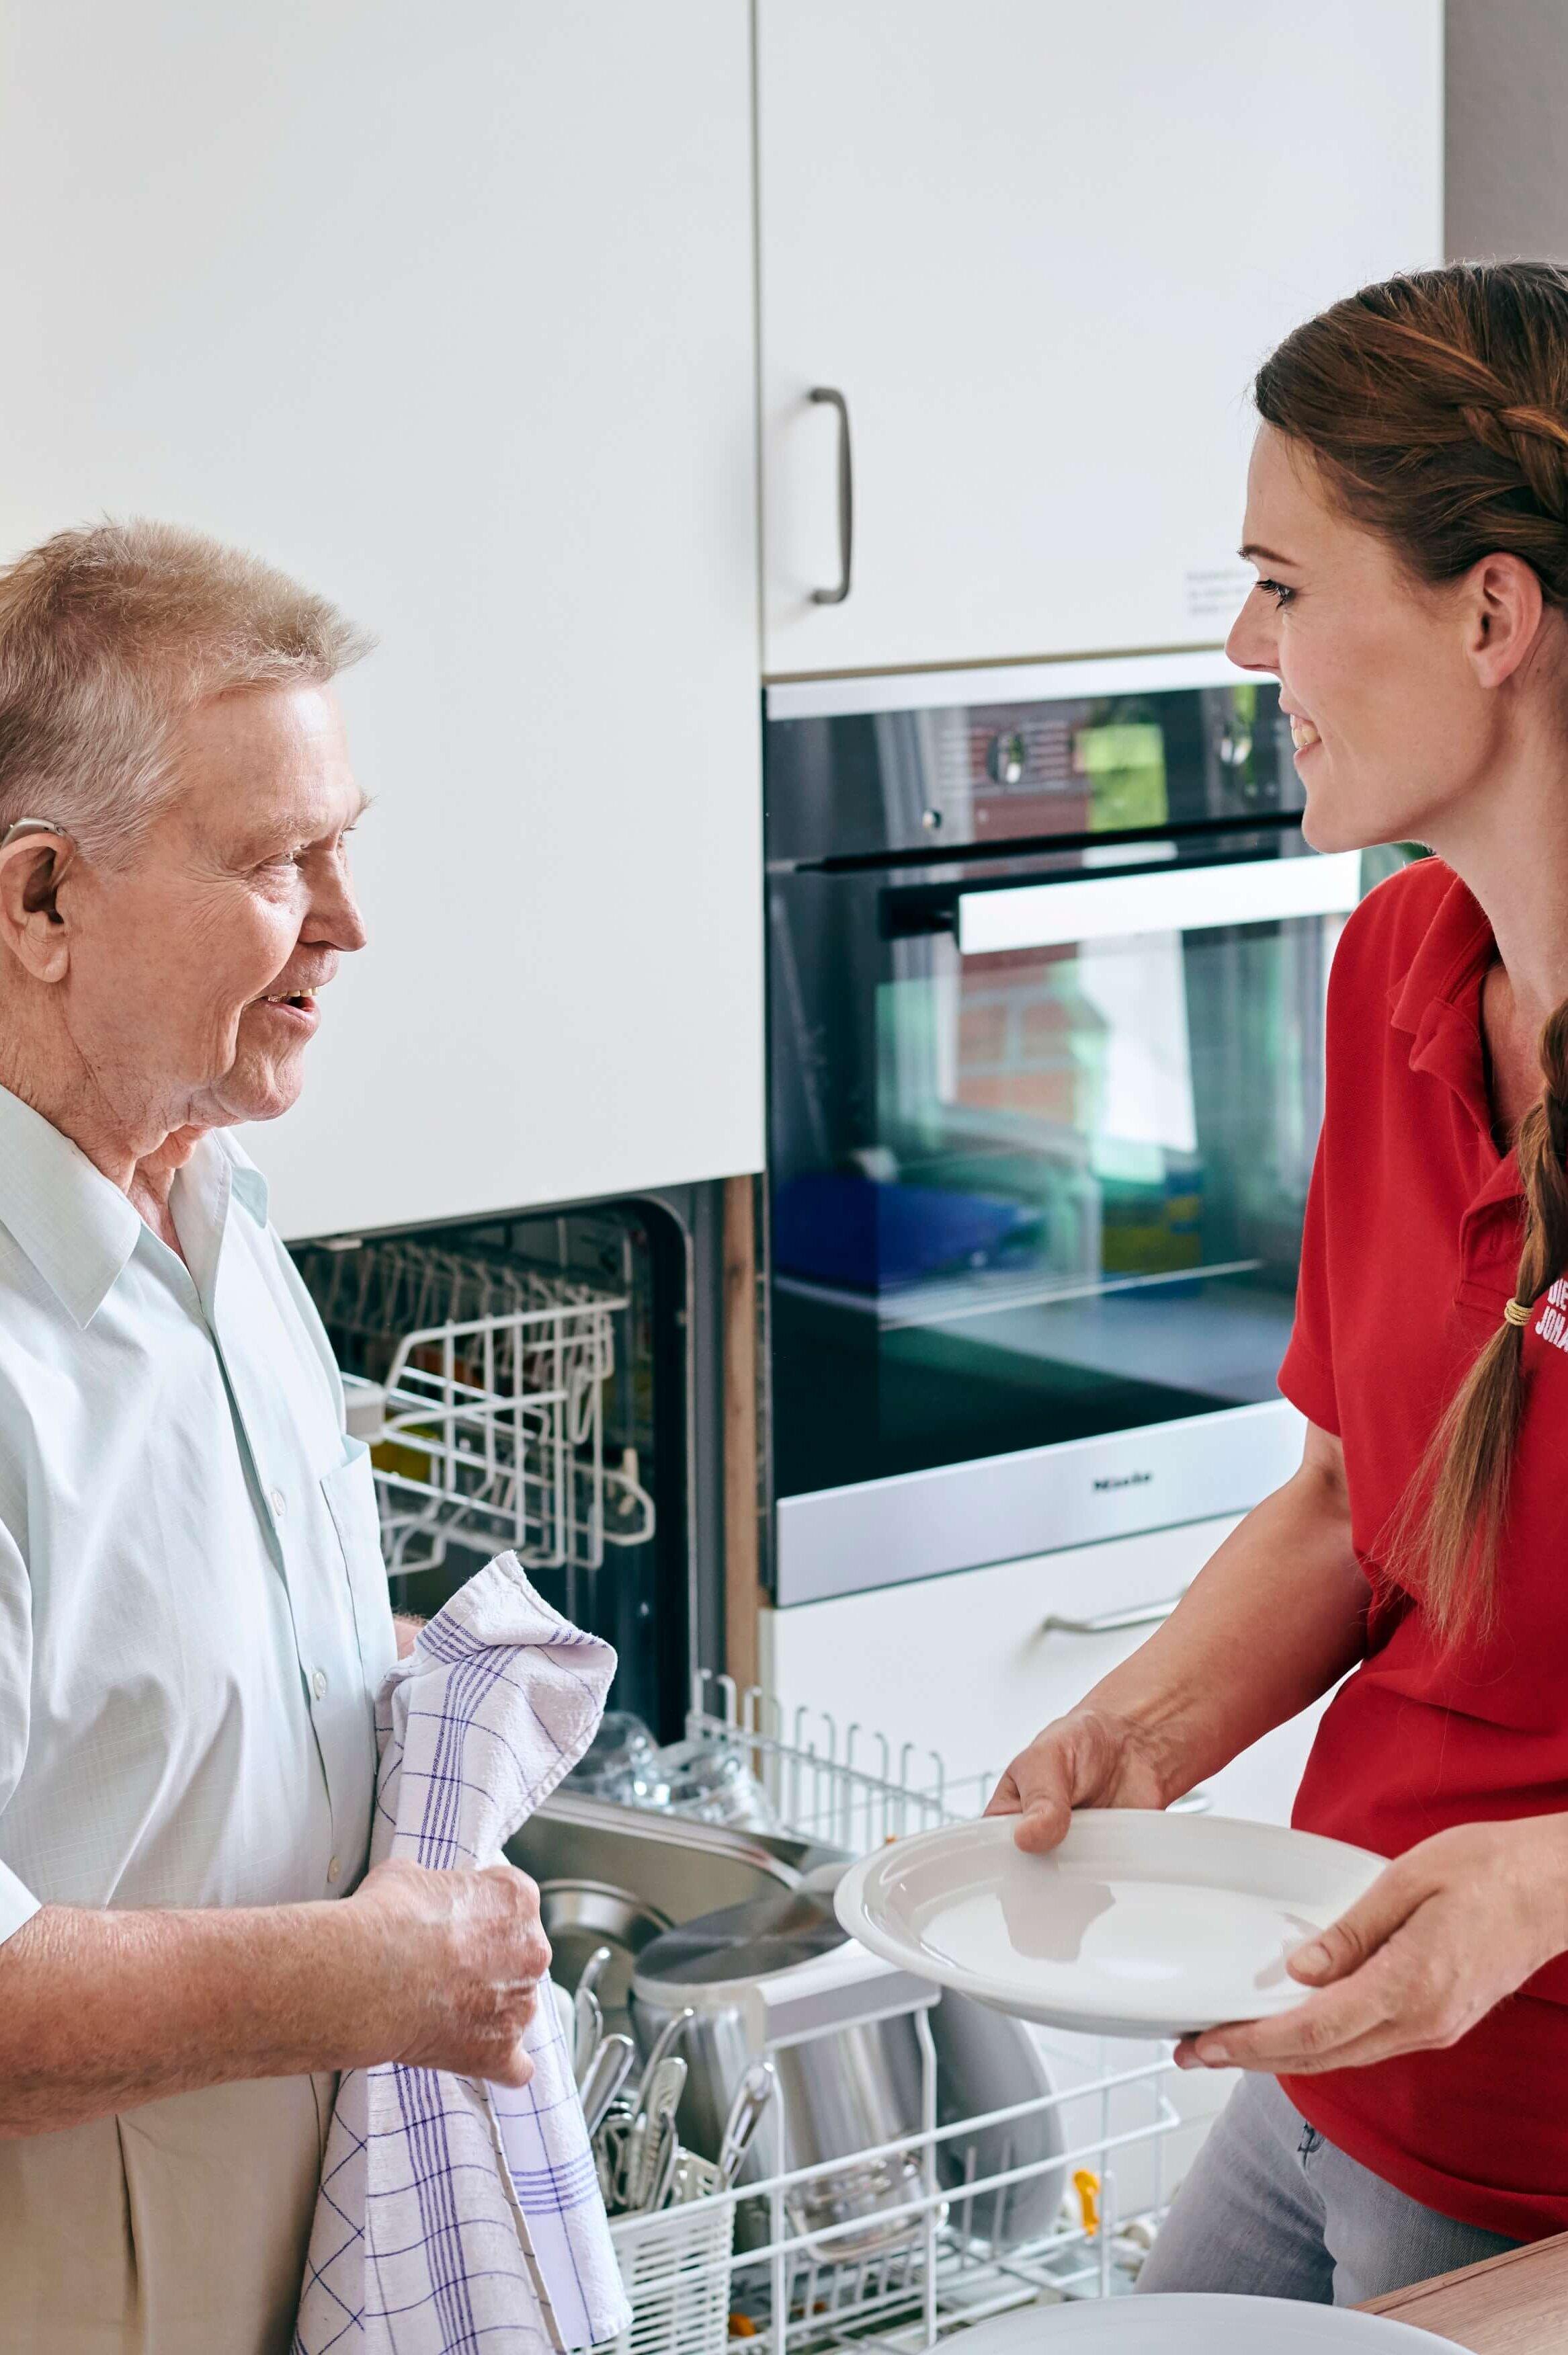 Bei der Pflegeeinstufung ist vor allem der Grad der Selbstständigkeit entscheidend.